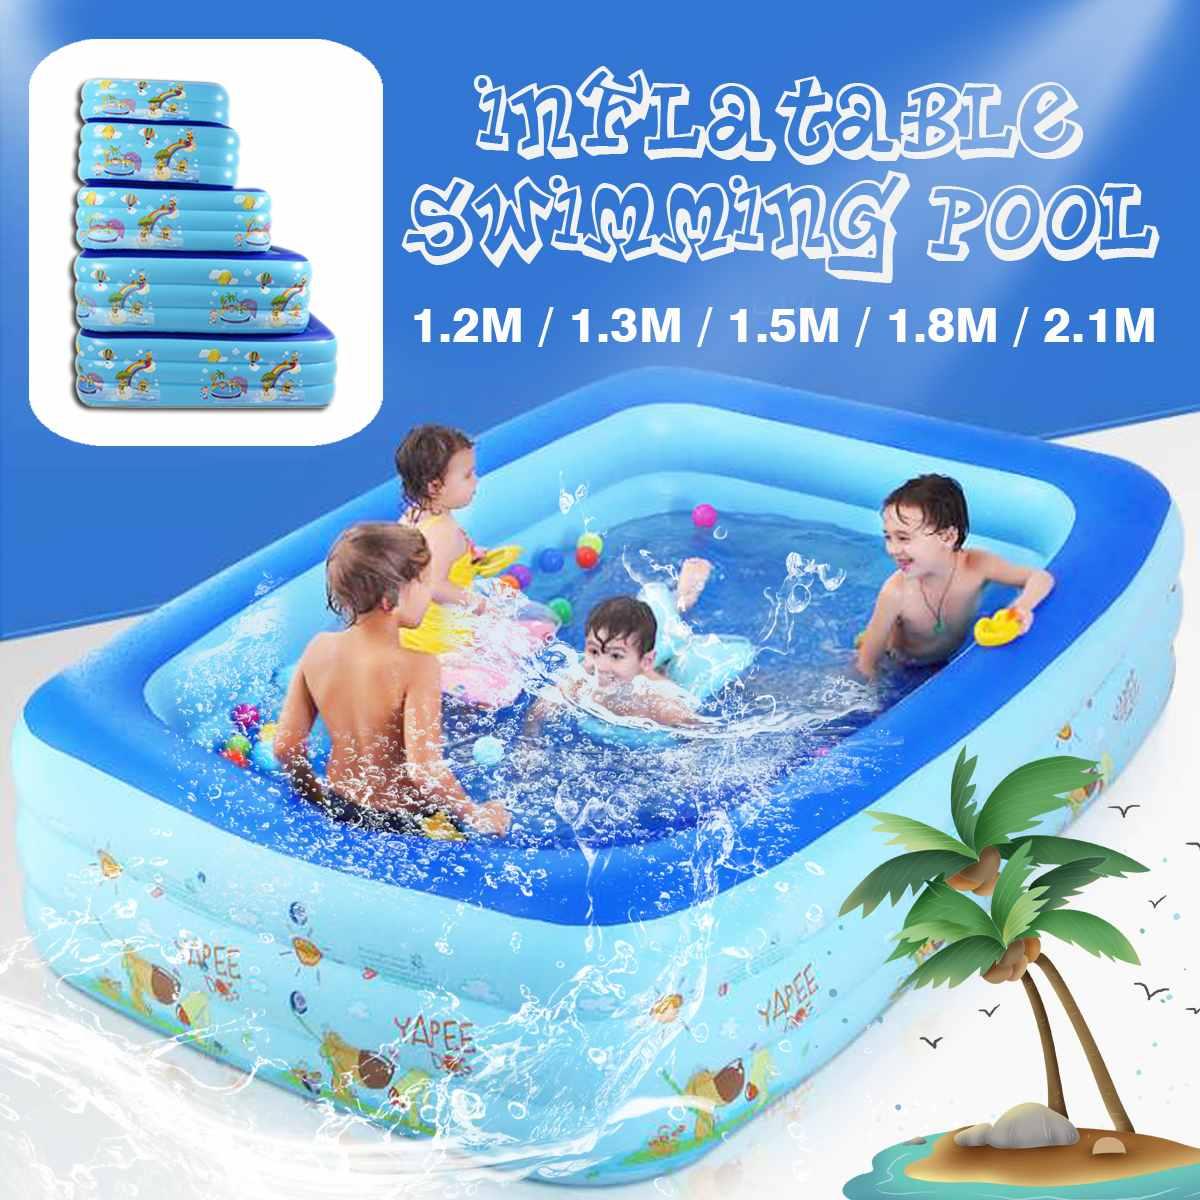 Piscine gonflable épaisse pour adultes et enfants   Baignoire d'extérieur, carrée, piscine intérieure, utilisation domestique, pataugeoire, jeu d'eau